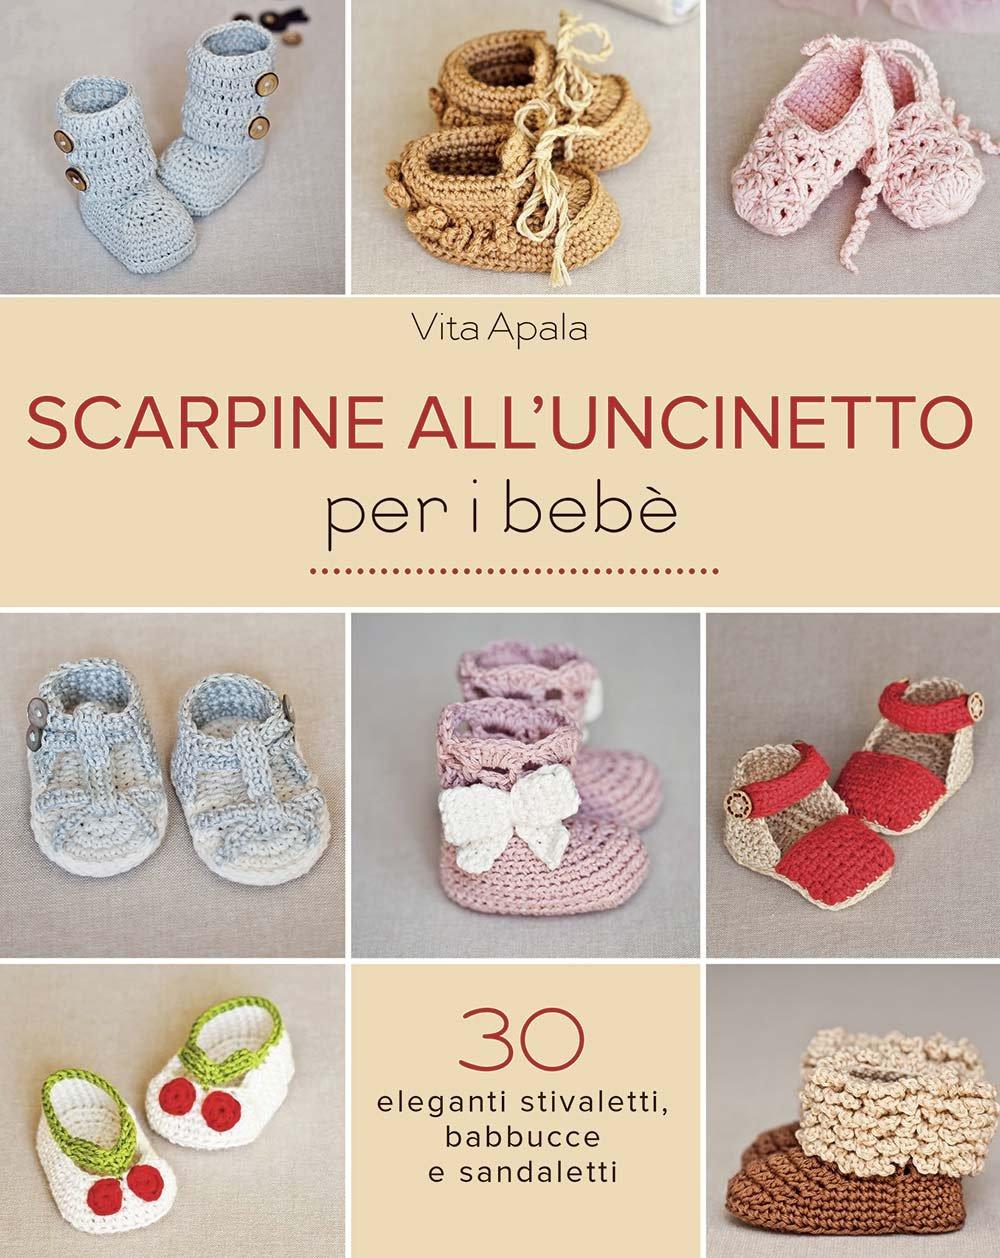 Amazonit Scarpine Alluncinetto Per I Bebè Vita Apala Libri